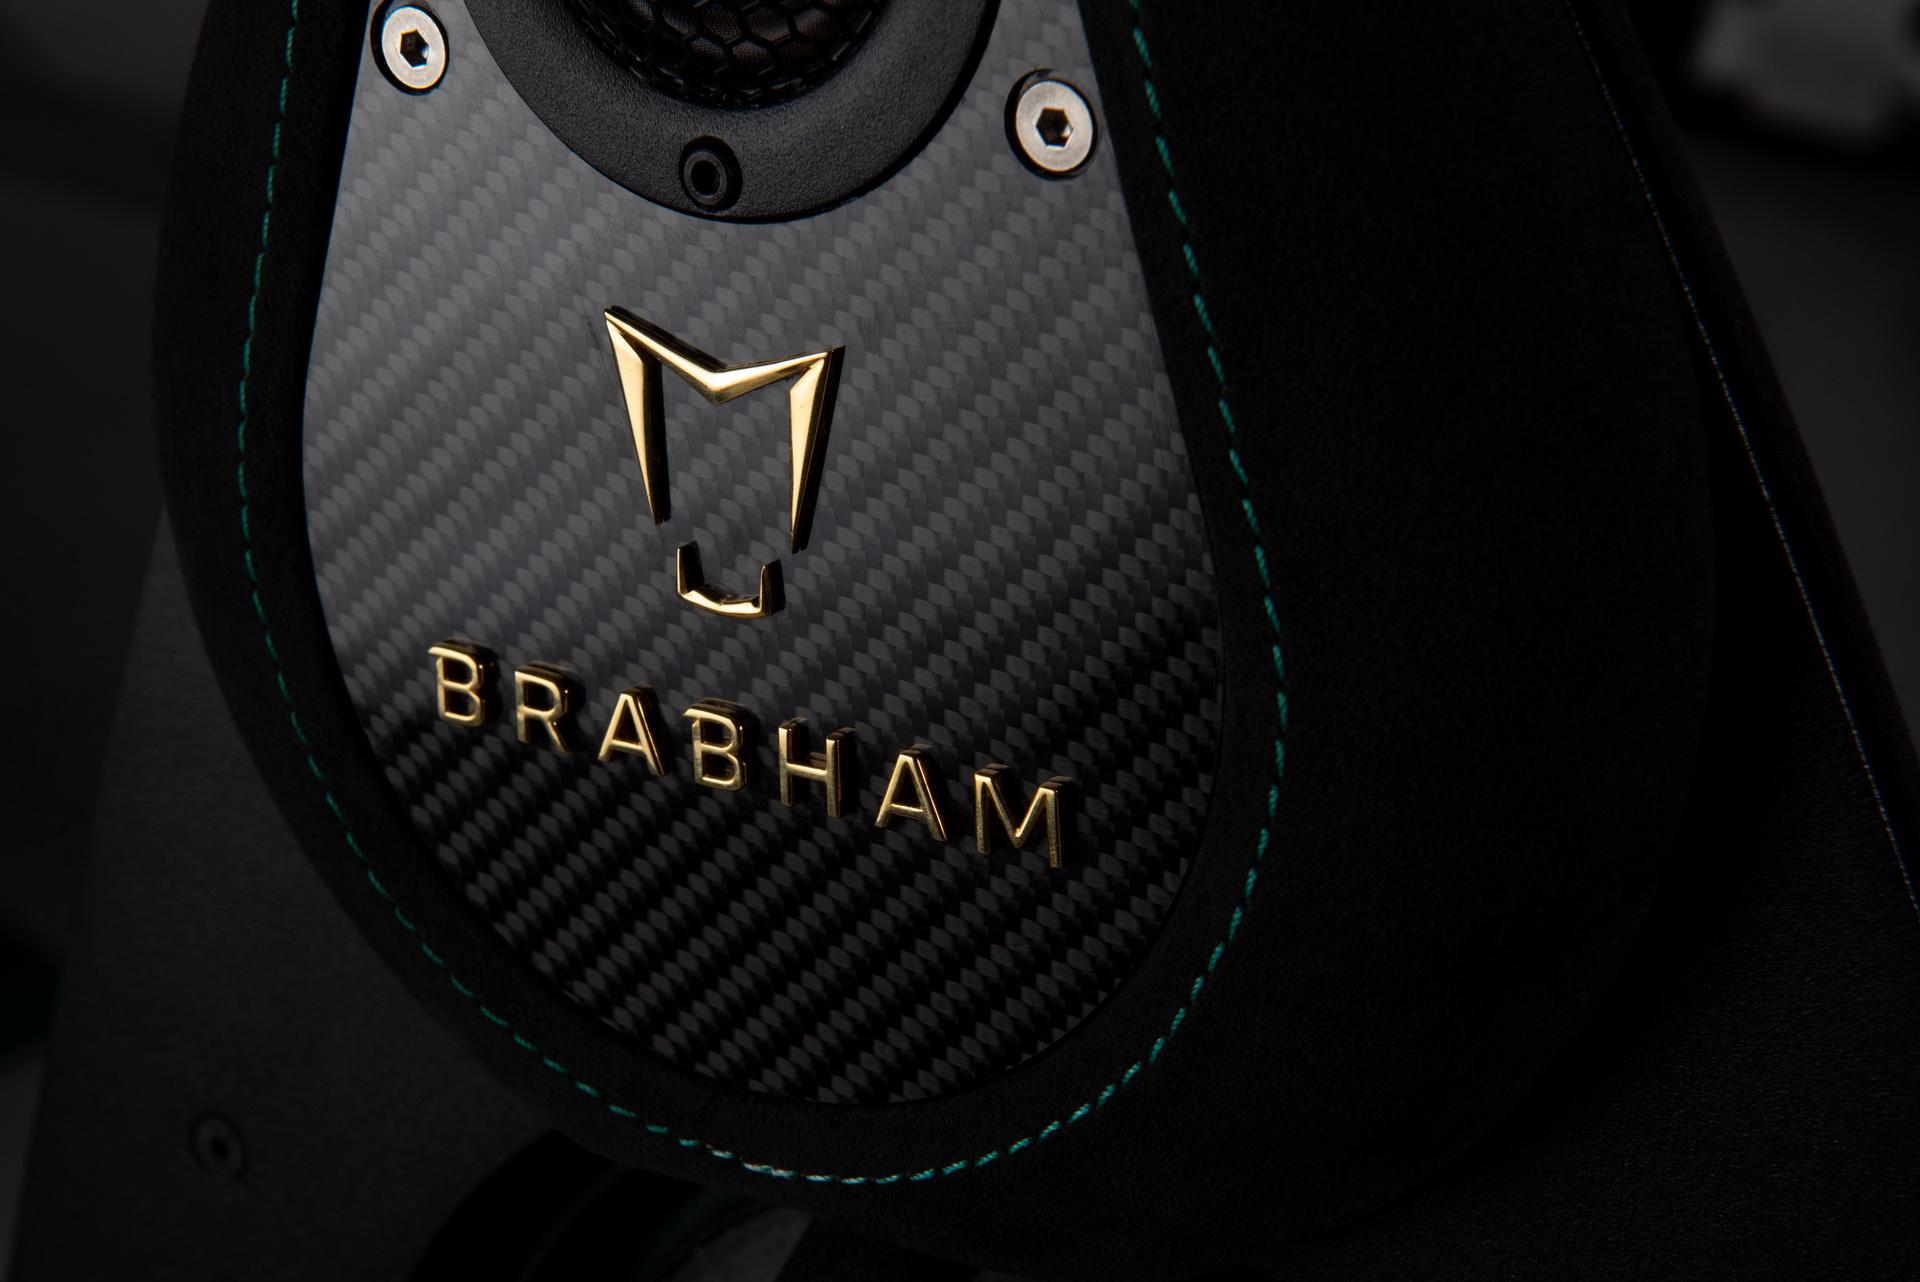 brabham-kyron-sound-system-6